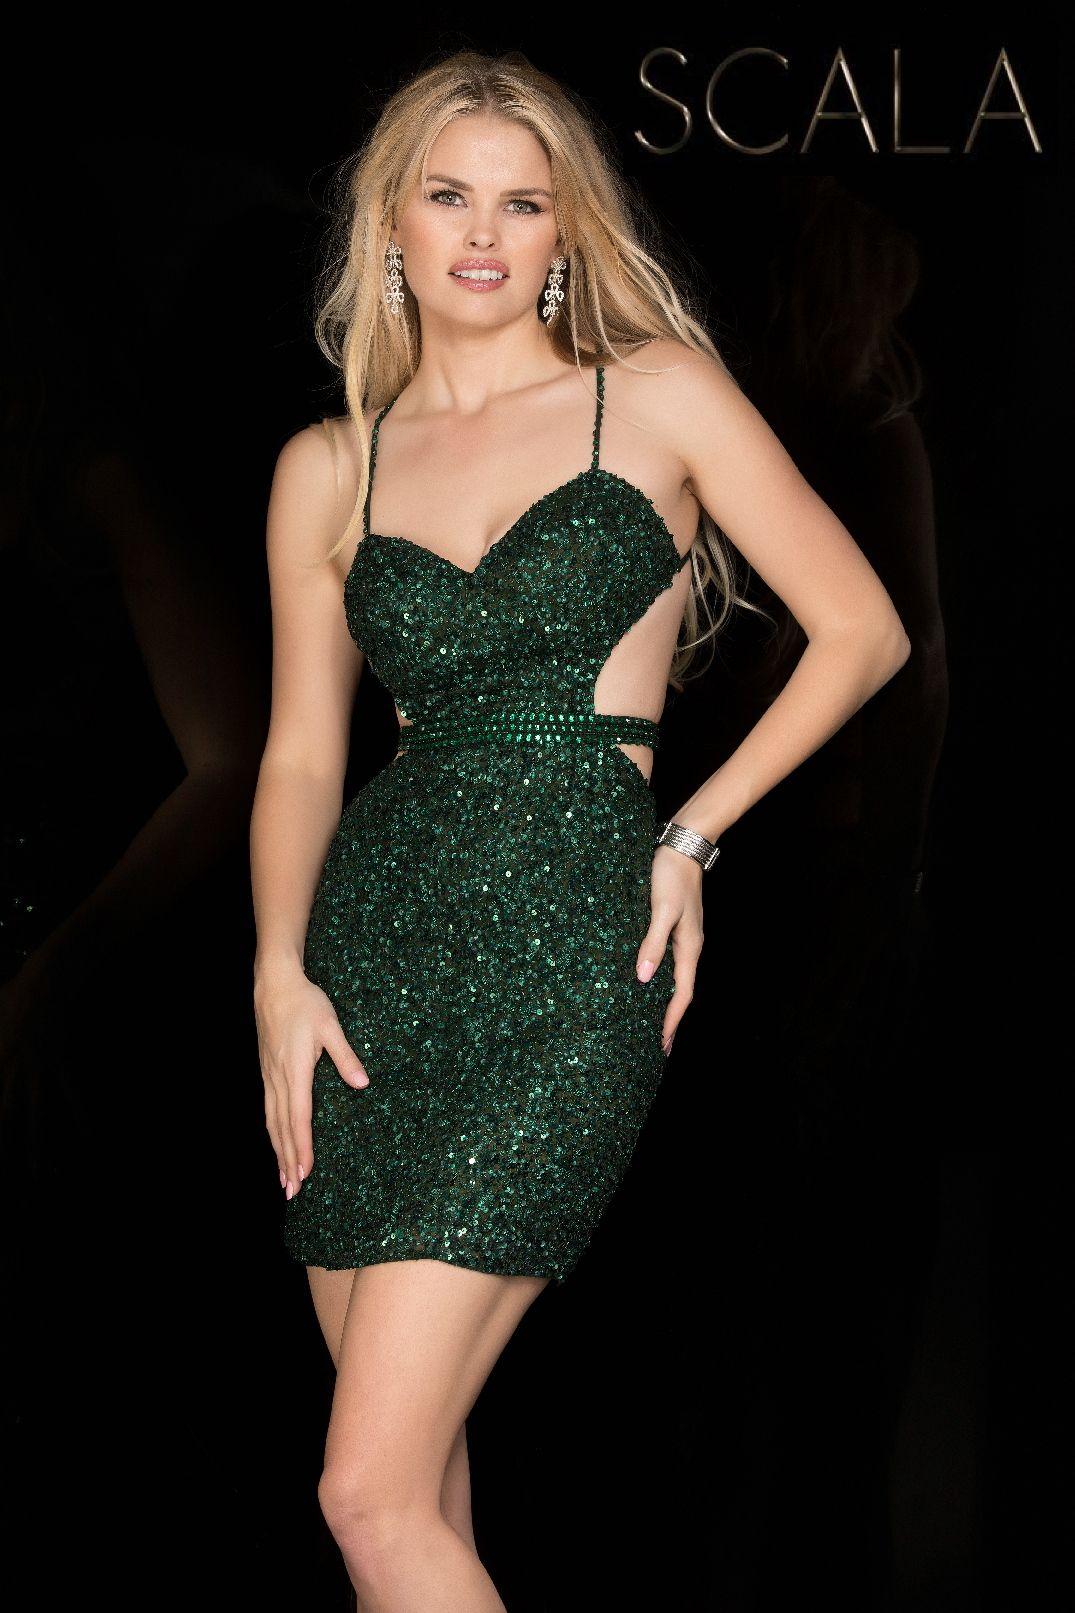 Evening dresses prom dresses by scalaucbrueascucbruecrisscross open